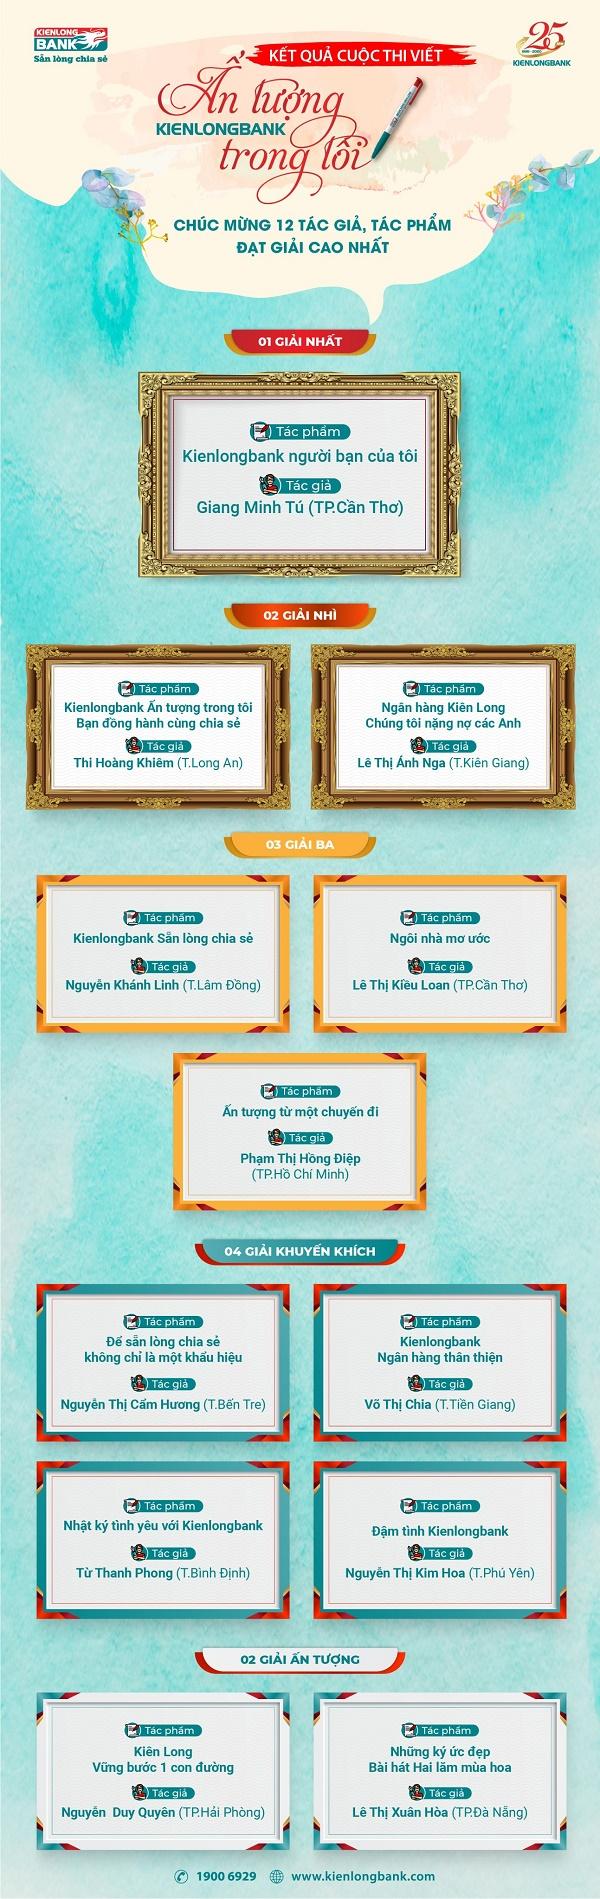 Danh sách tác giả và tác phẩm đạt giải cuộc thi viết do Kienlongbank tổ chức